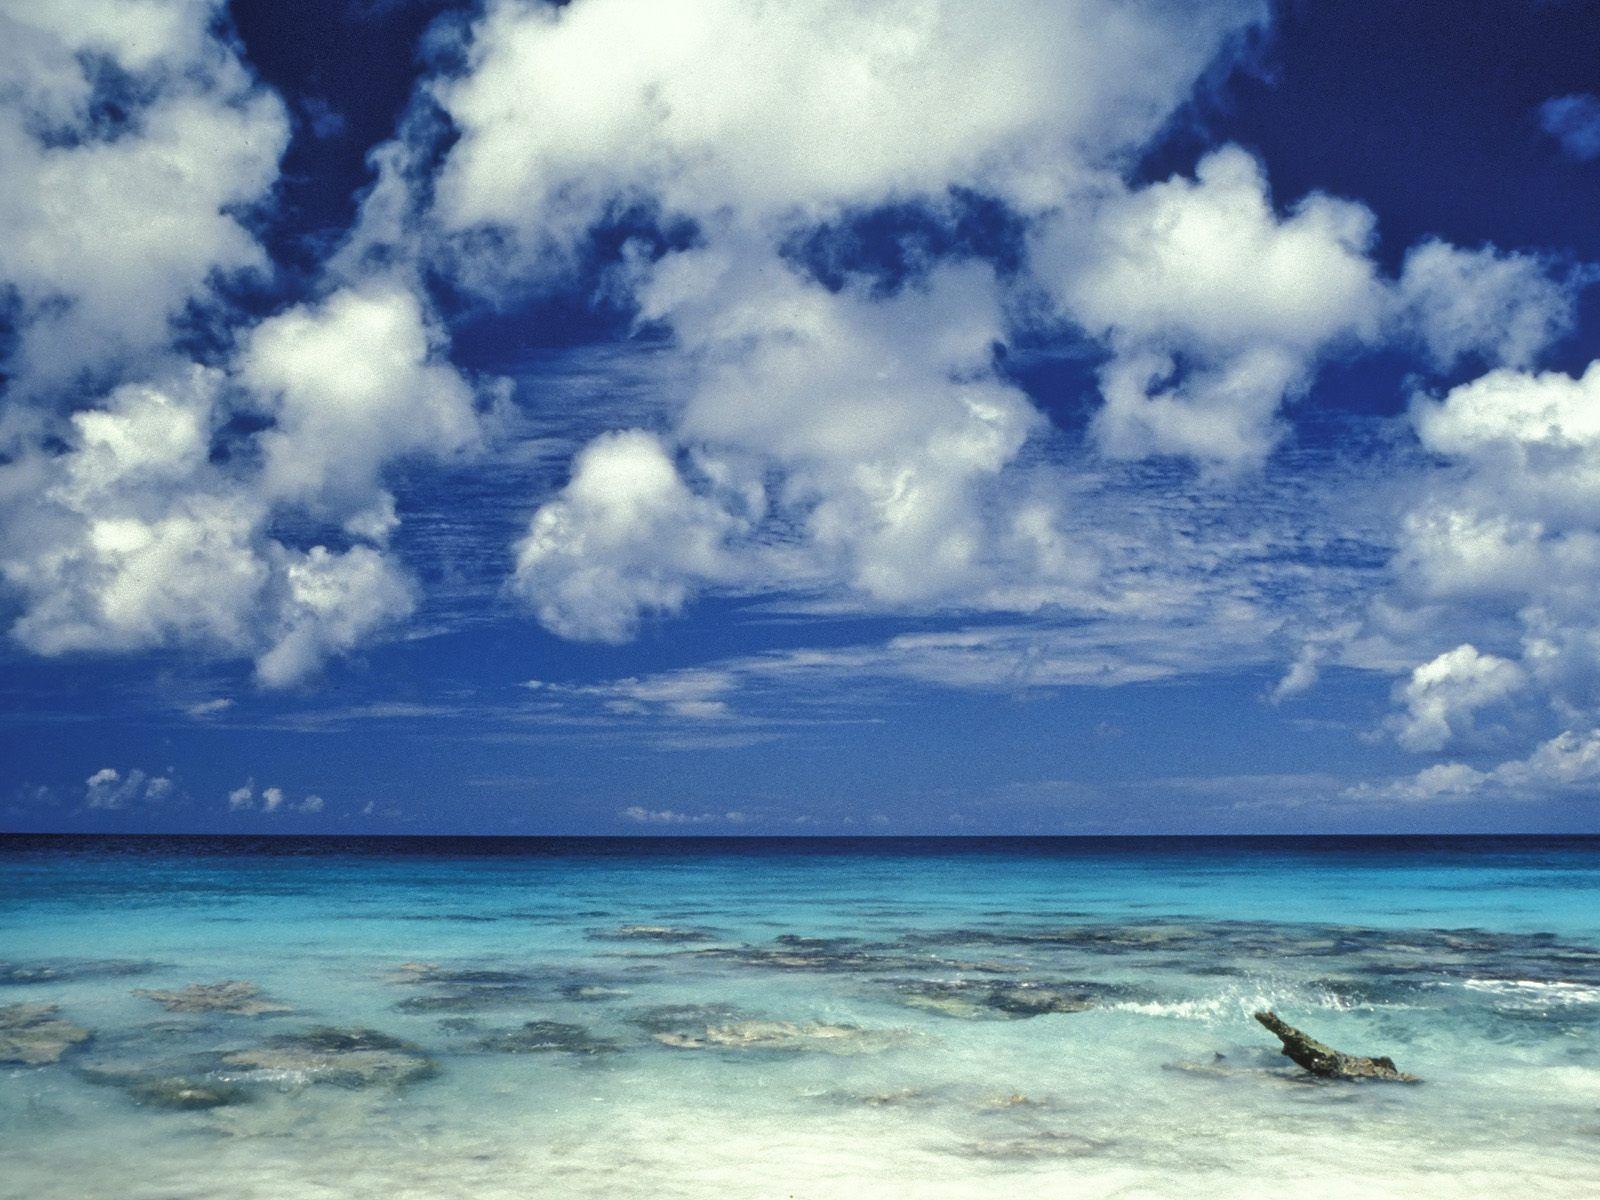 http://3.bp.blogspot.com/-E13yf6zsxk0/TlqMjoupmHI/AAAAAAAAEeI/cckBJL7G0P0/s1600/Caribbean+Sea%252C+Bonaire%252C+Netherland+Antilles.jpg